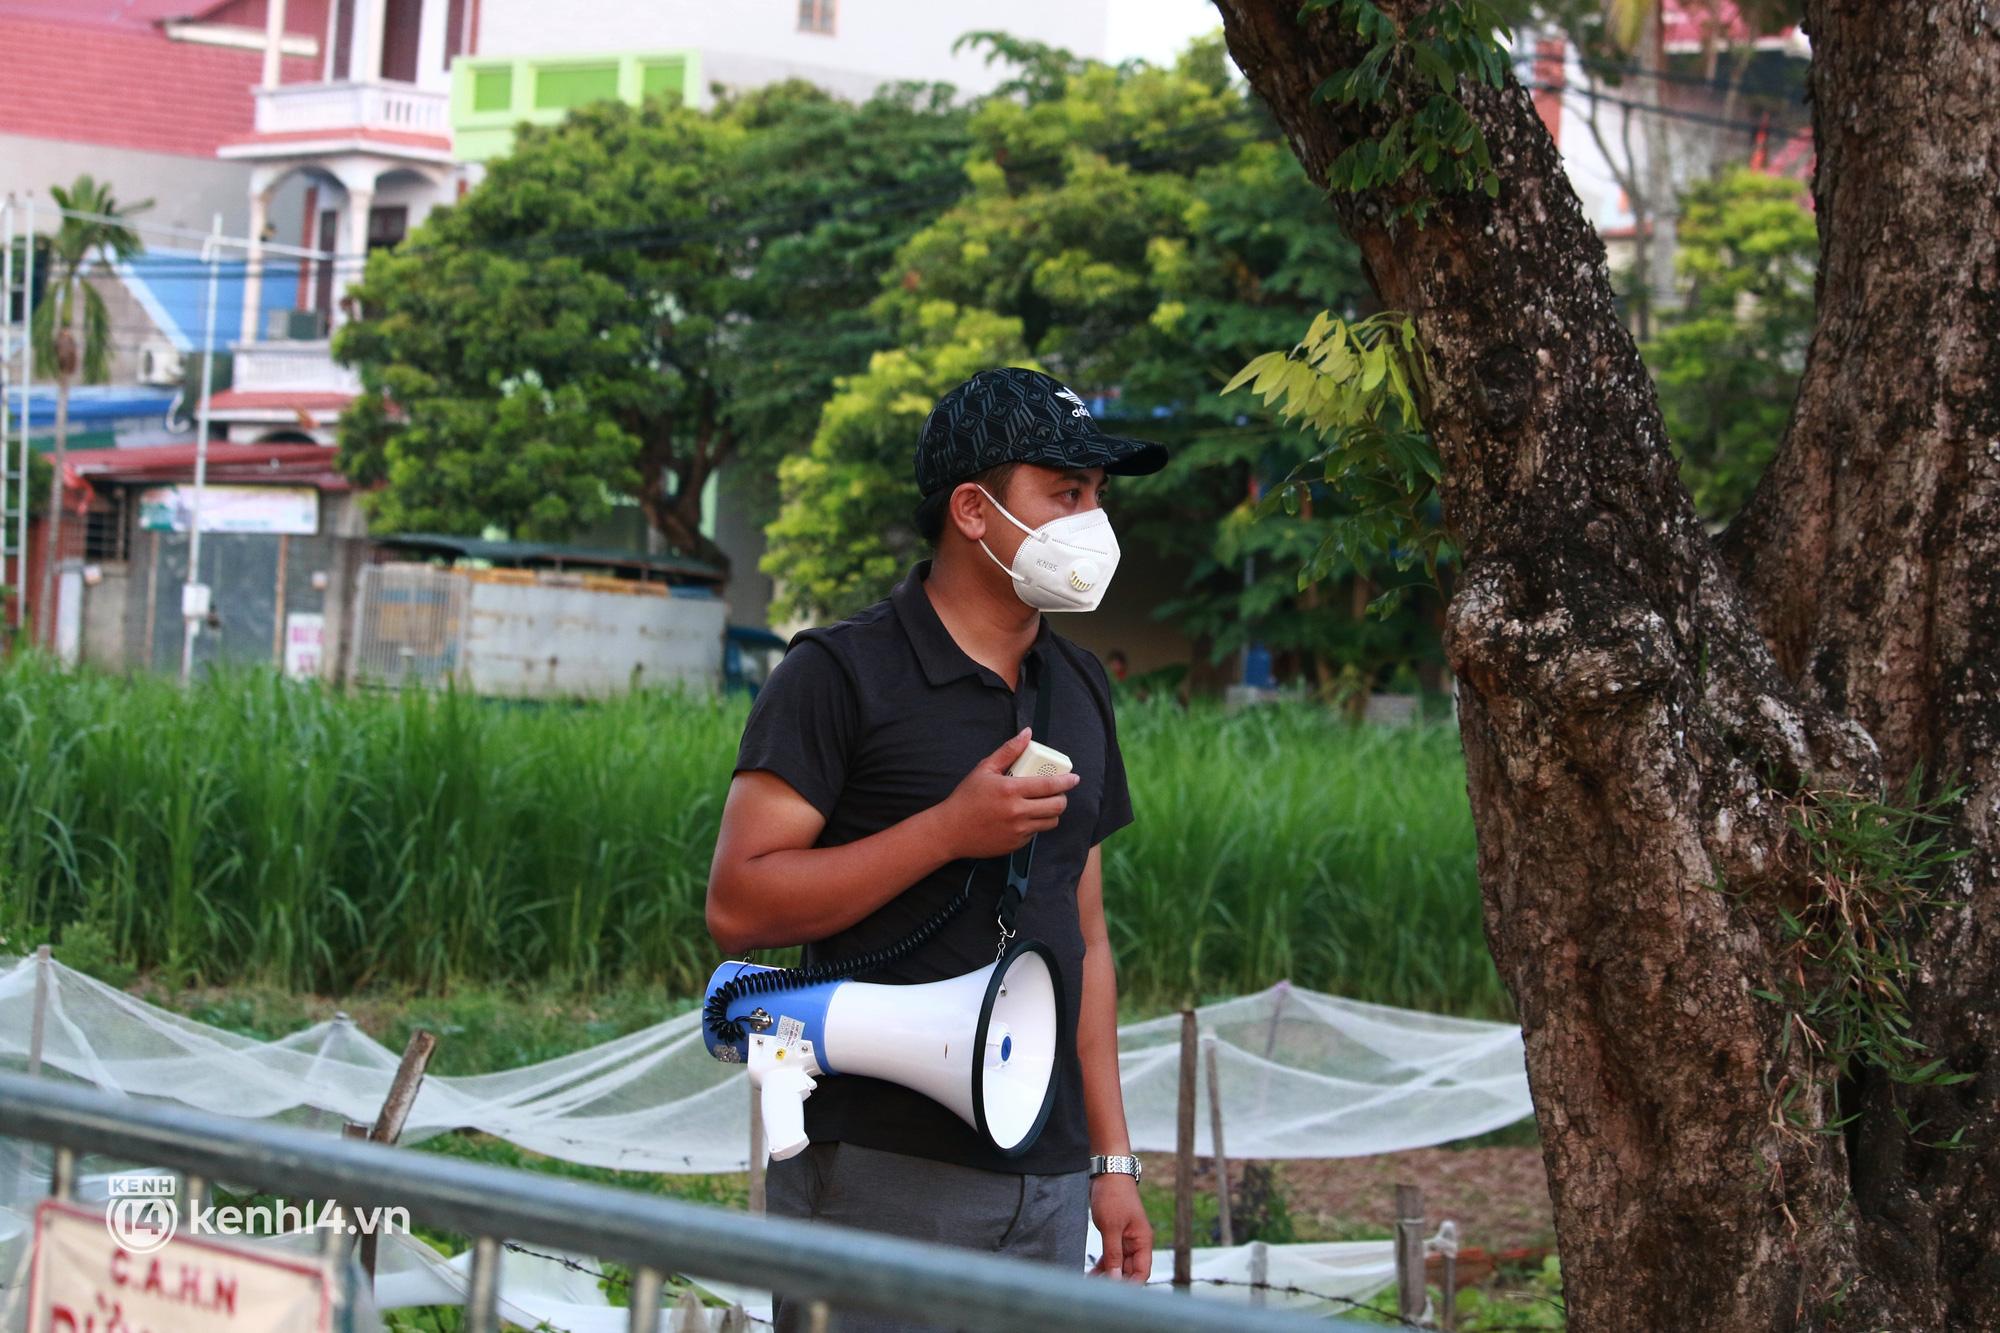 Ảnh: Khẩn trương xét nghiệm hơn 9.000 dân sau khi phát hiện 5 ca mắc Covid-19 ở ngoại thành Hà Nội - Ảnh 4.